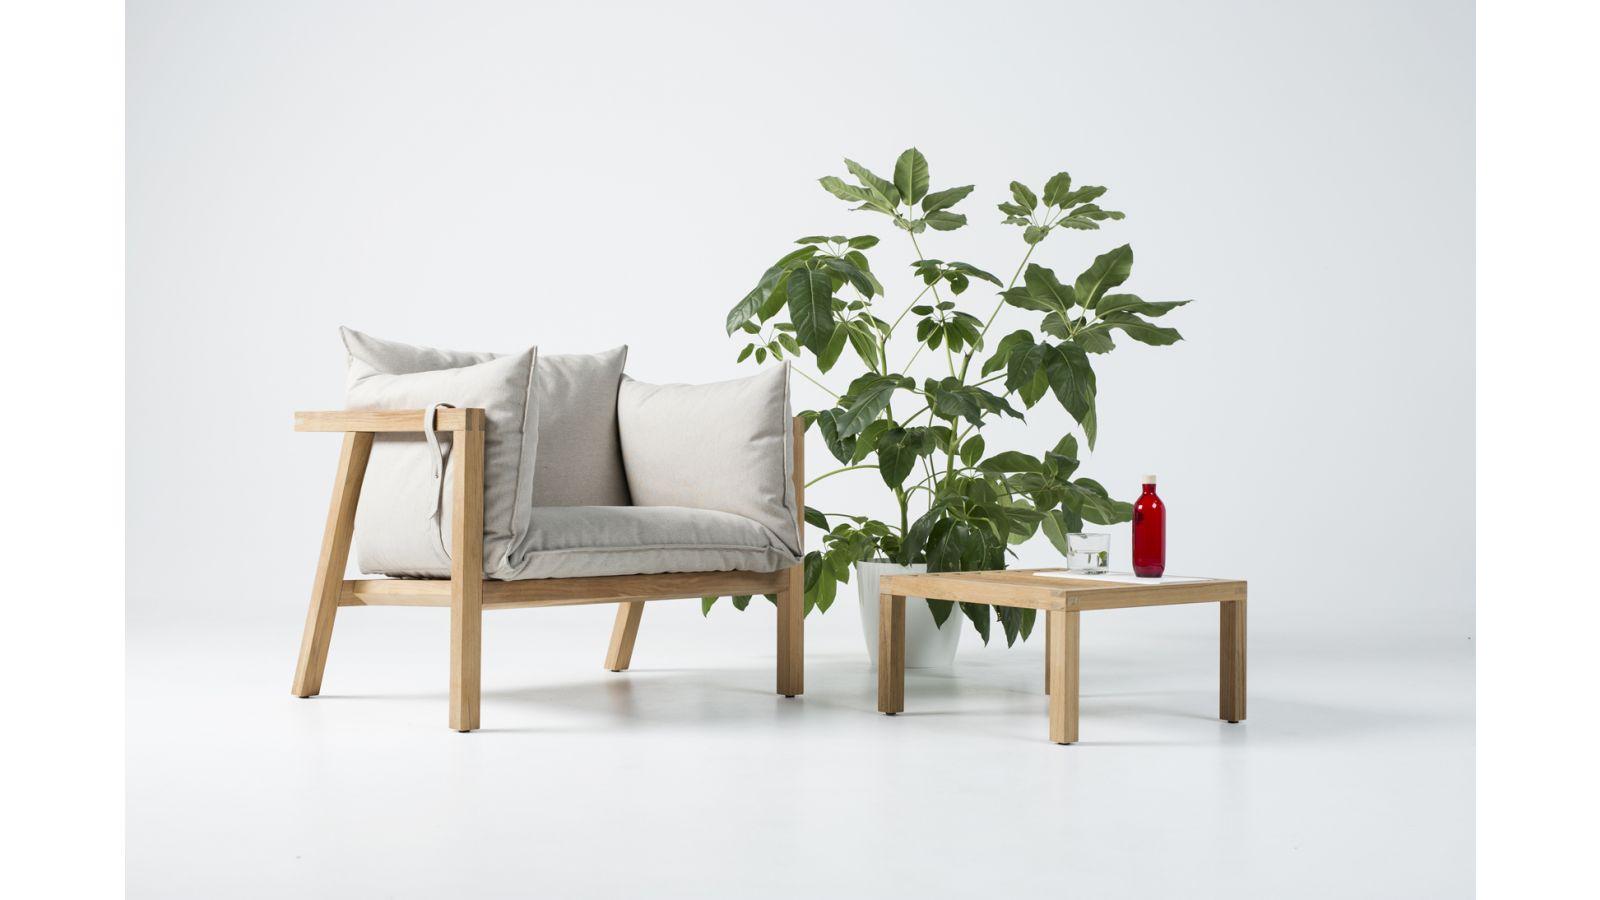 Umomoku outdoor furniture